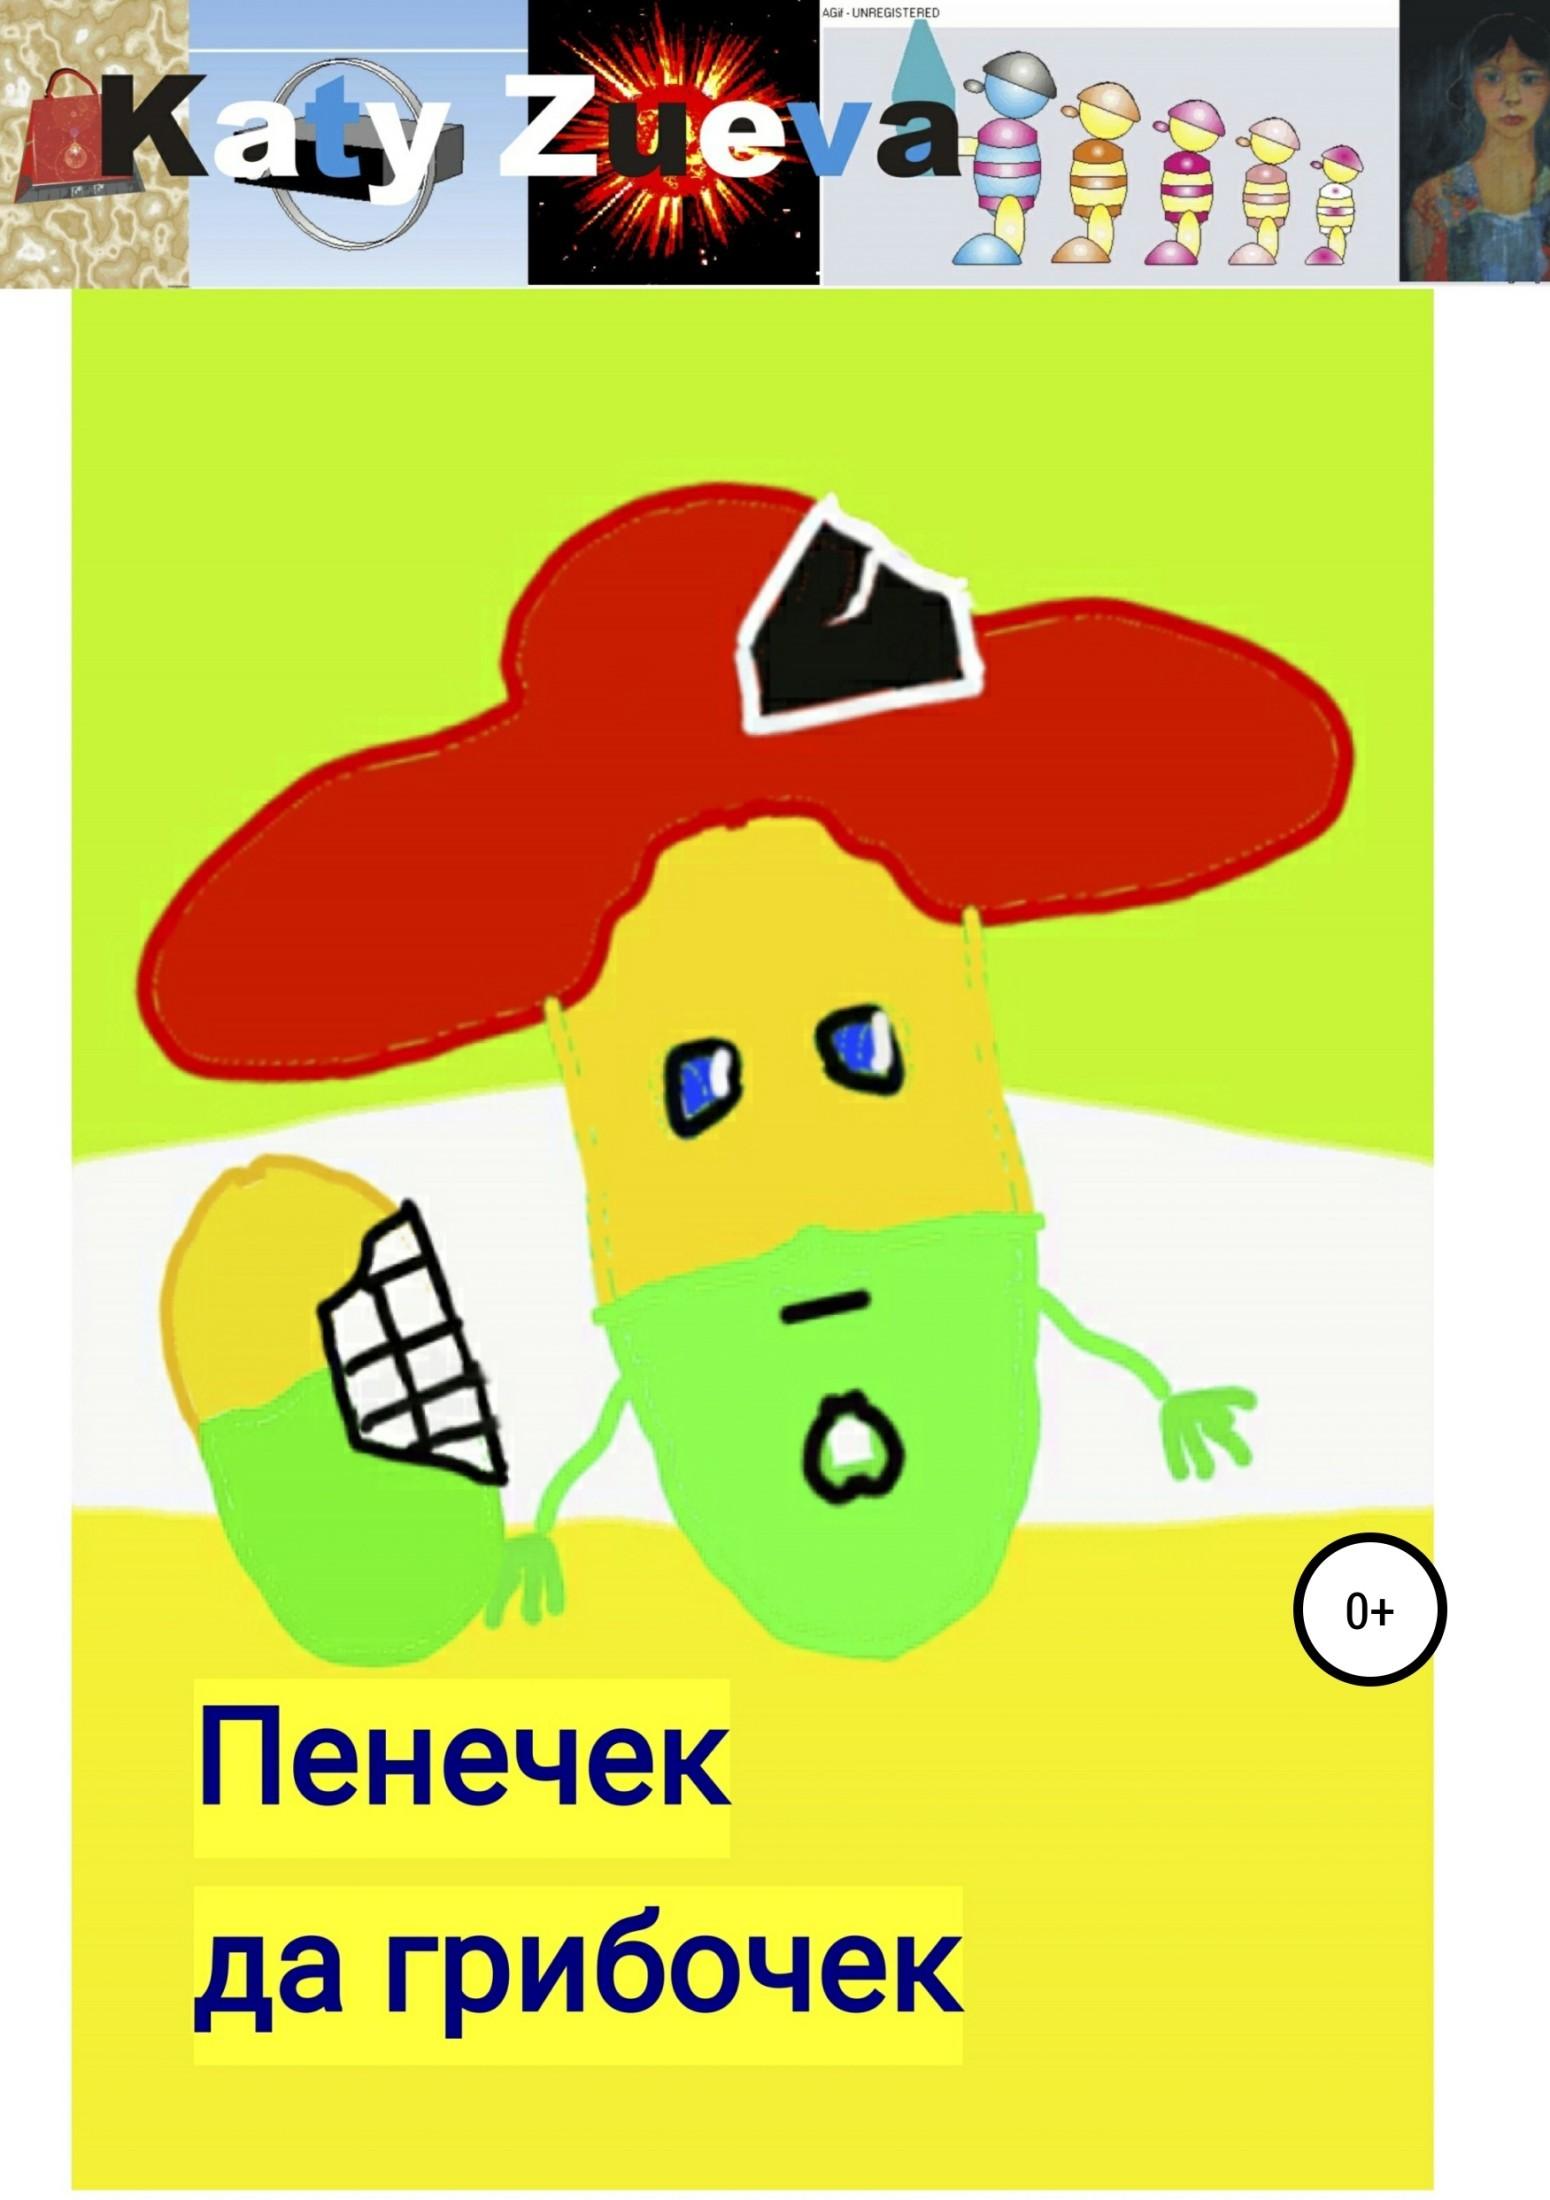 Екатерина Зуева - Пенечек да грибочек